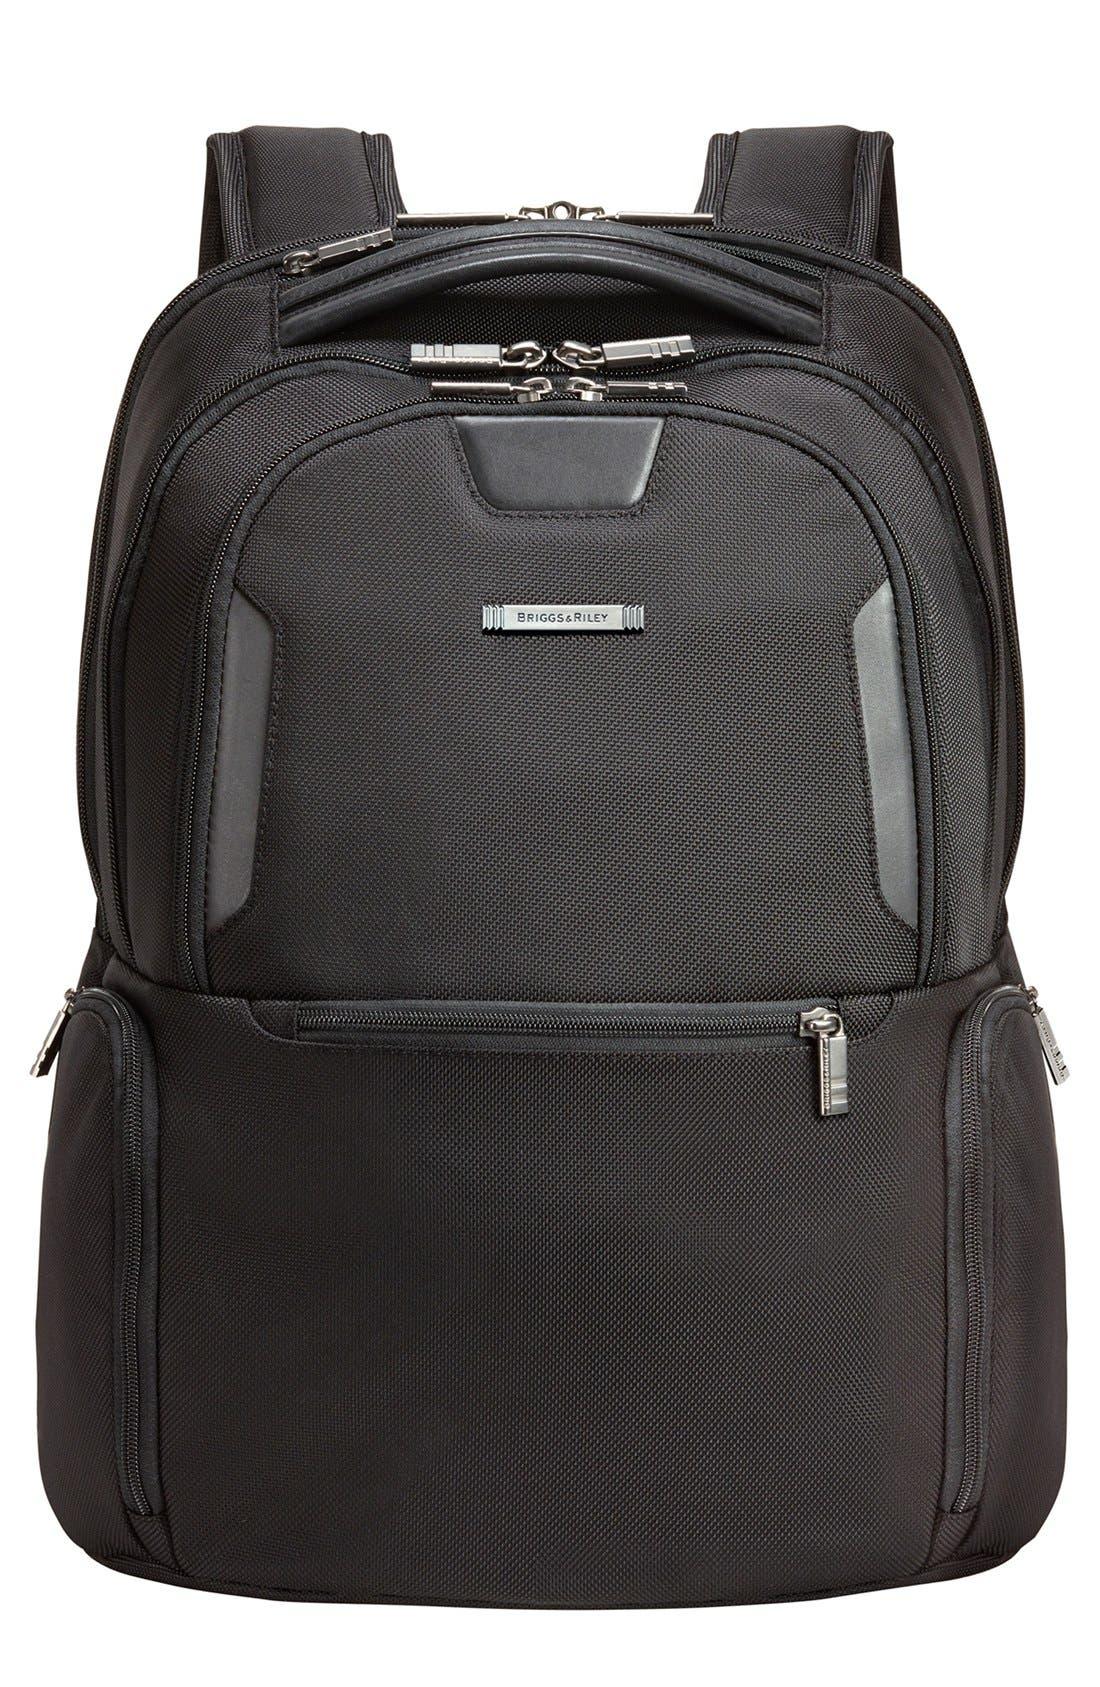 BRIGGS & RILEY @work - Medium Backpack